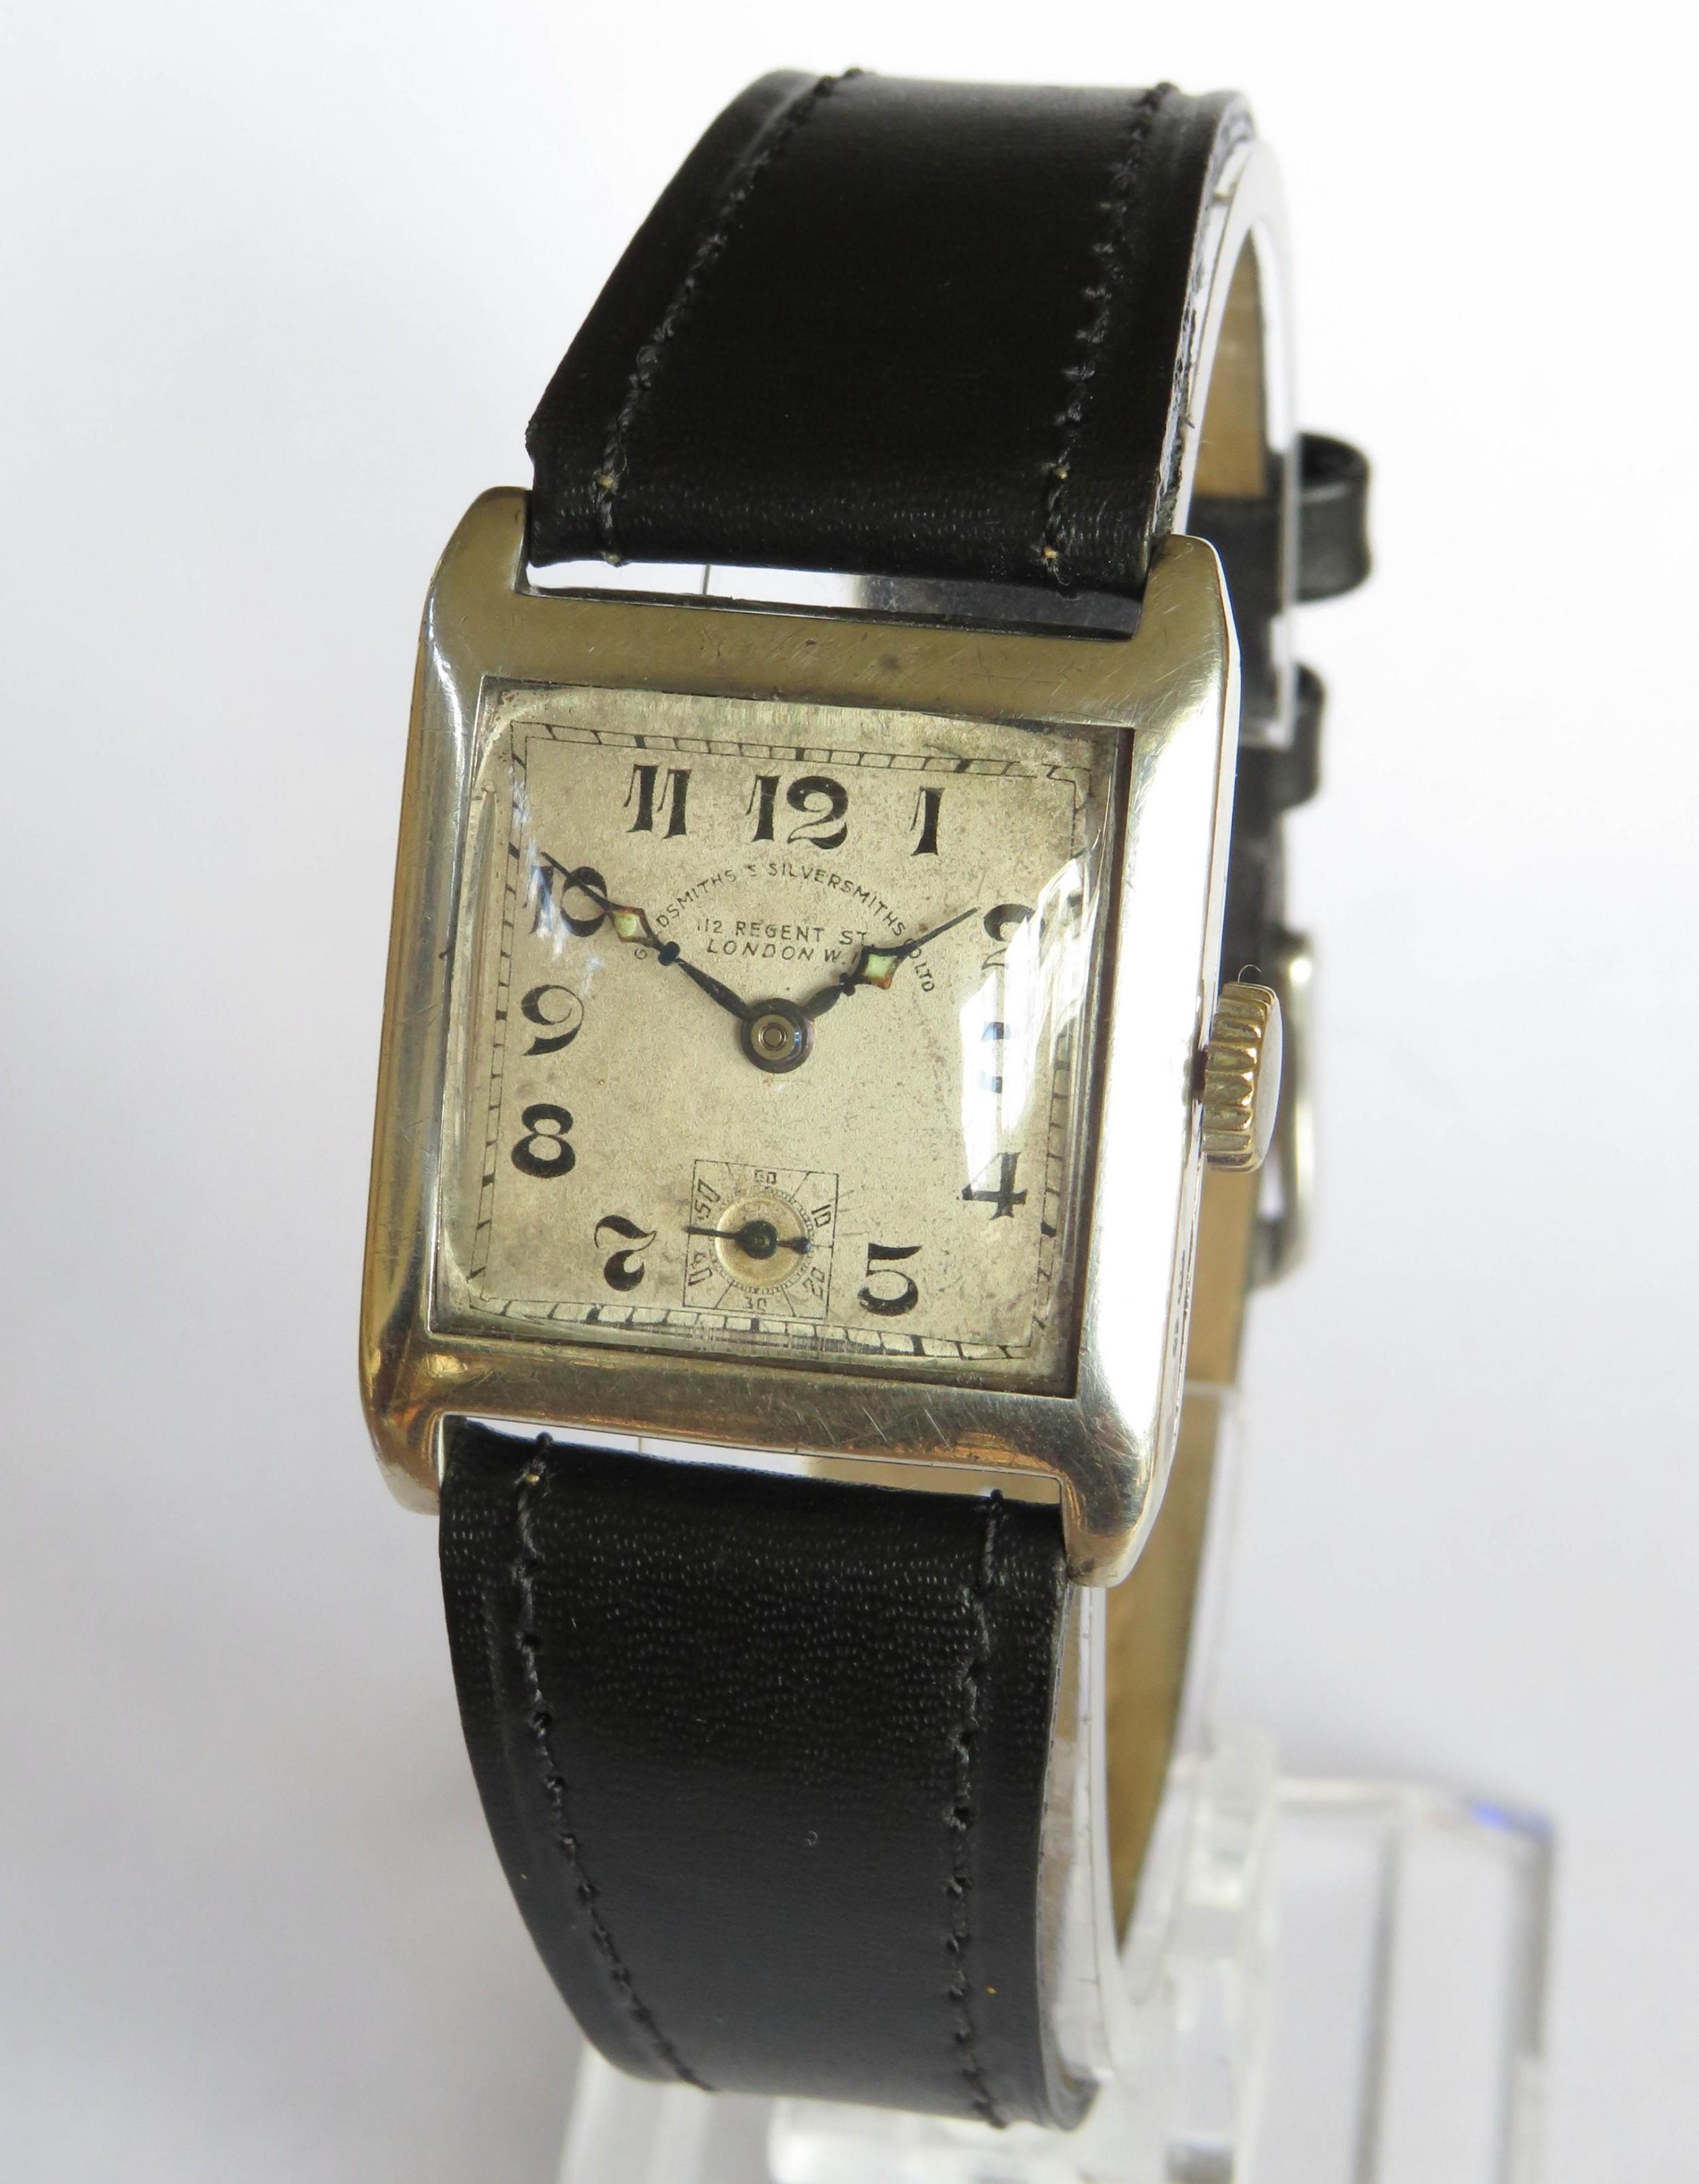 gents 1931 silver watch goldsmiths silversmiths